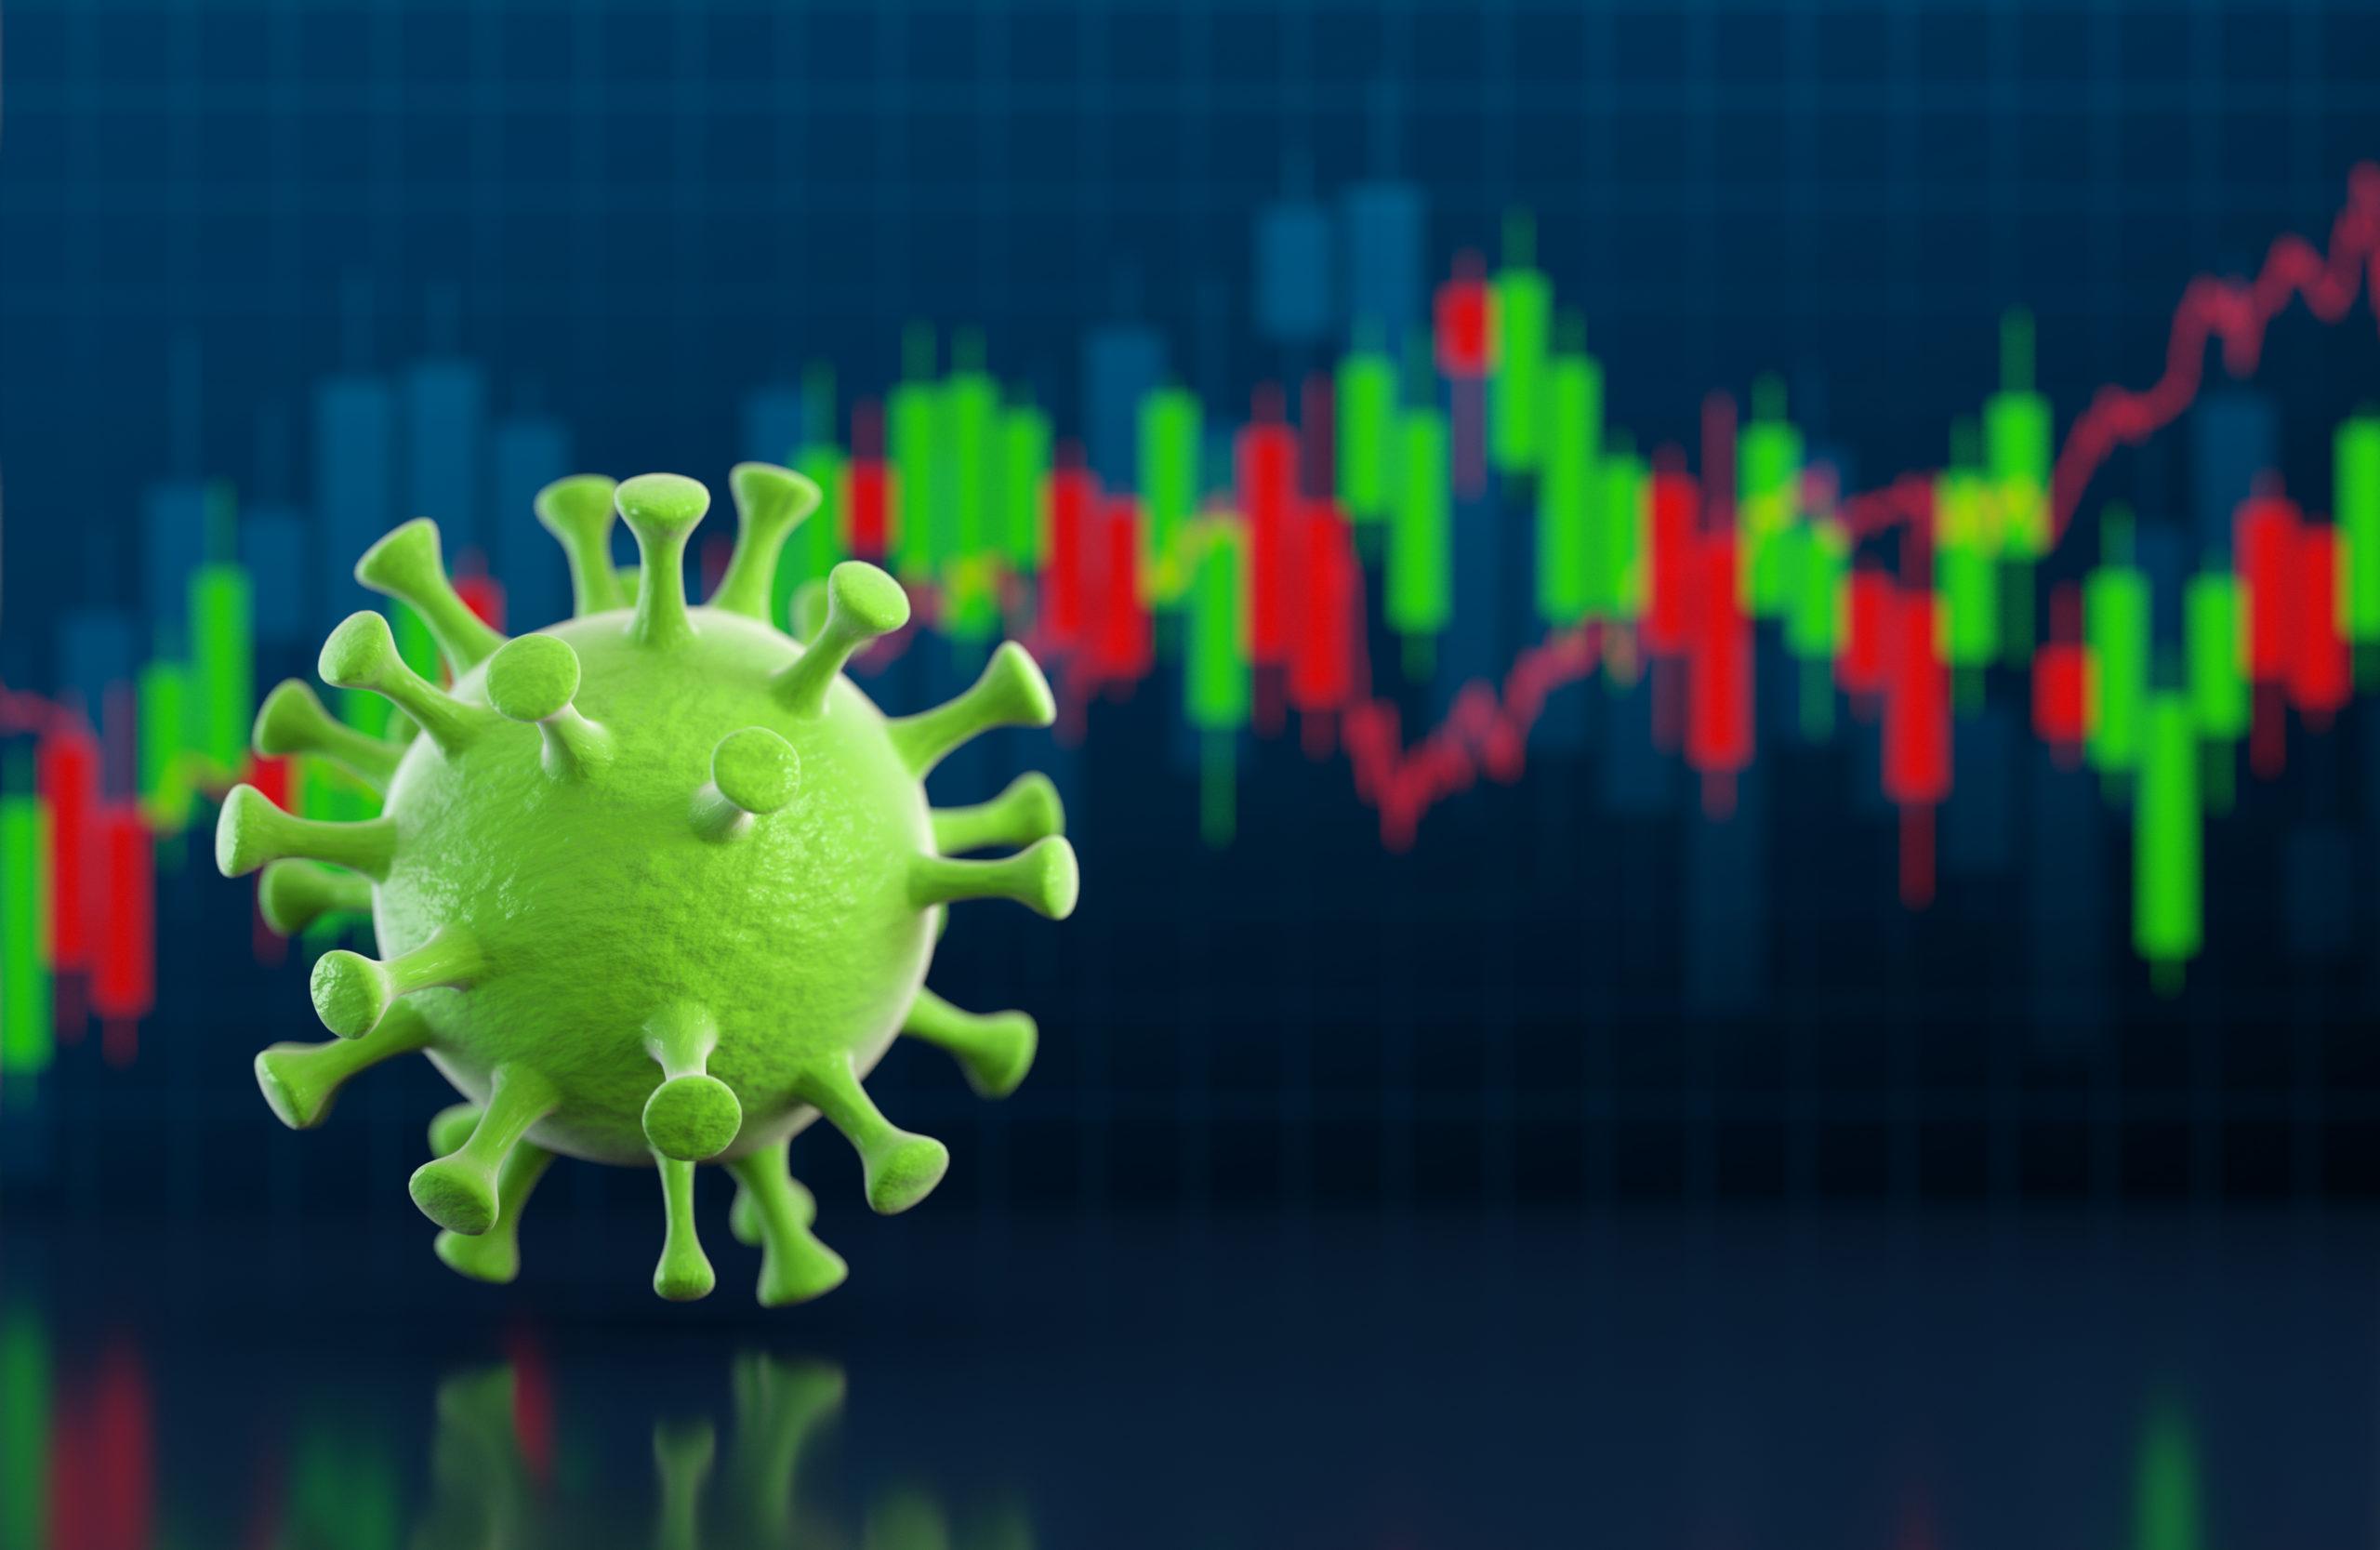 Coronavirus and the Markets